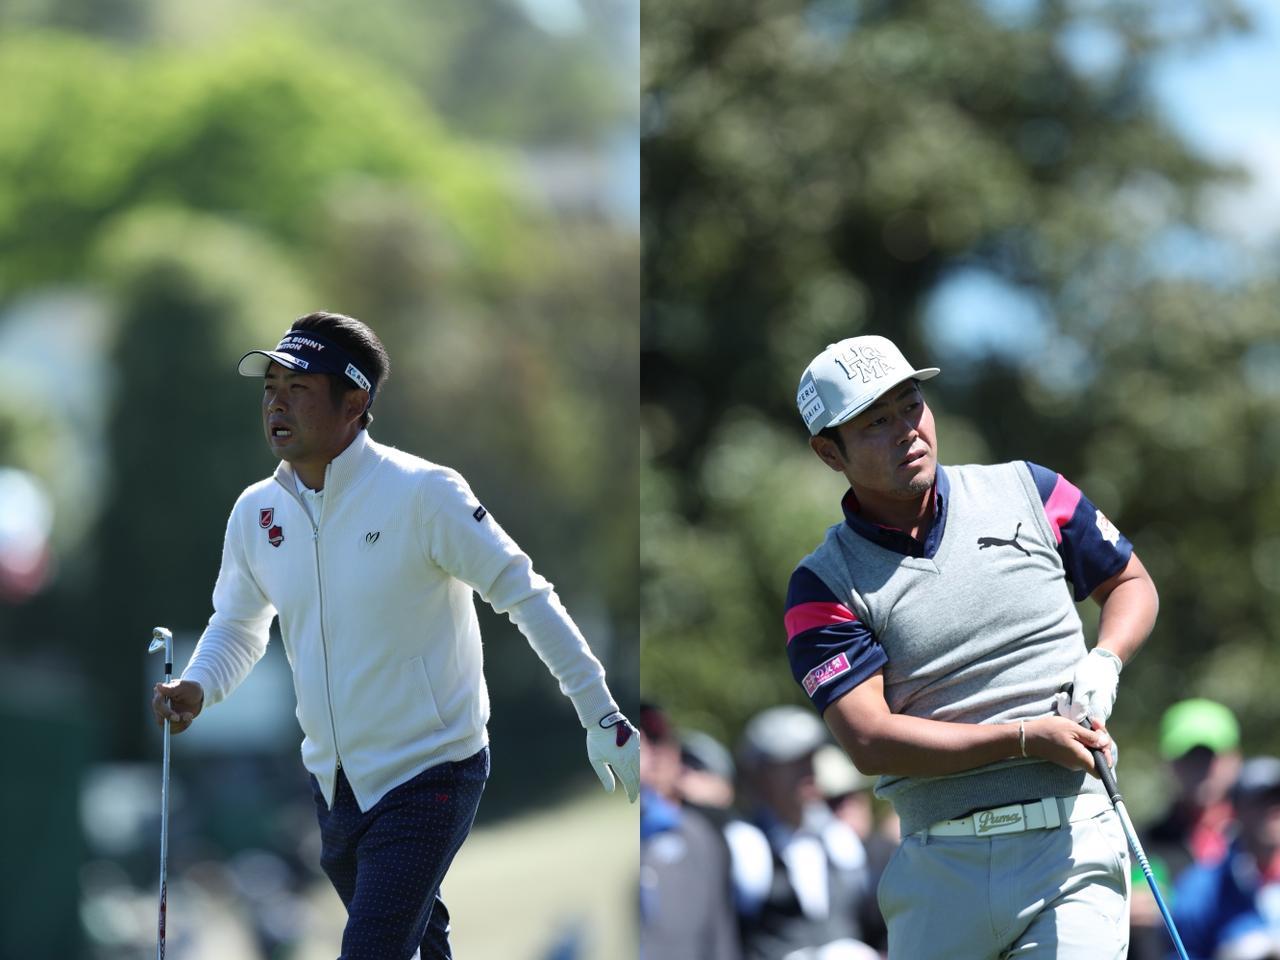 画像: 舞台から降りたわけじゃない。池田と谷原、それぞれのマスターズ - みんなのゴルフダイジェスト